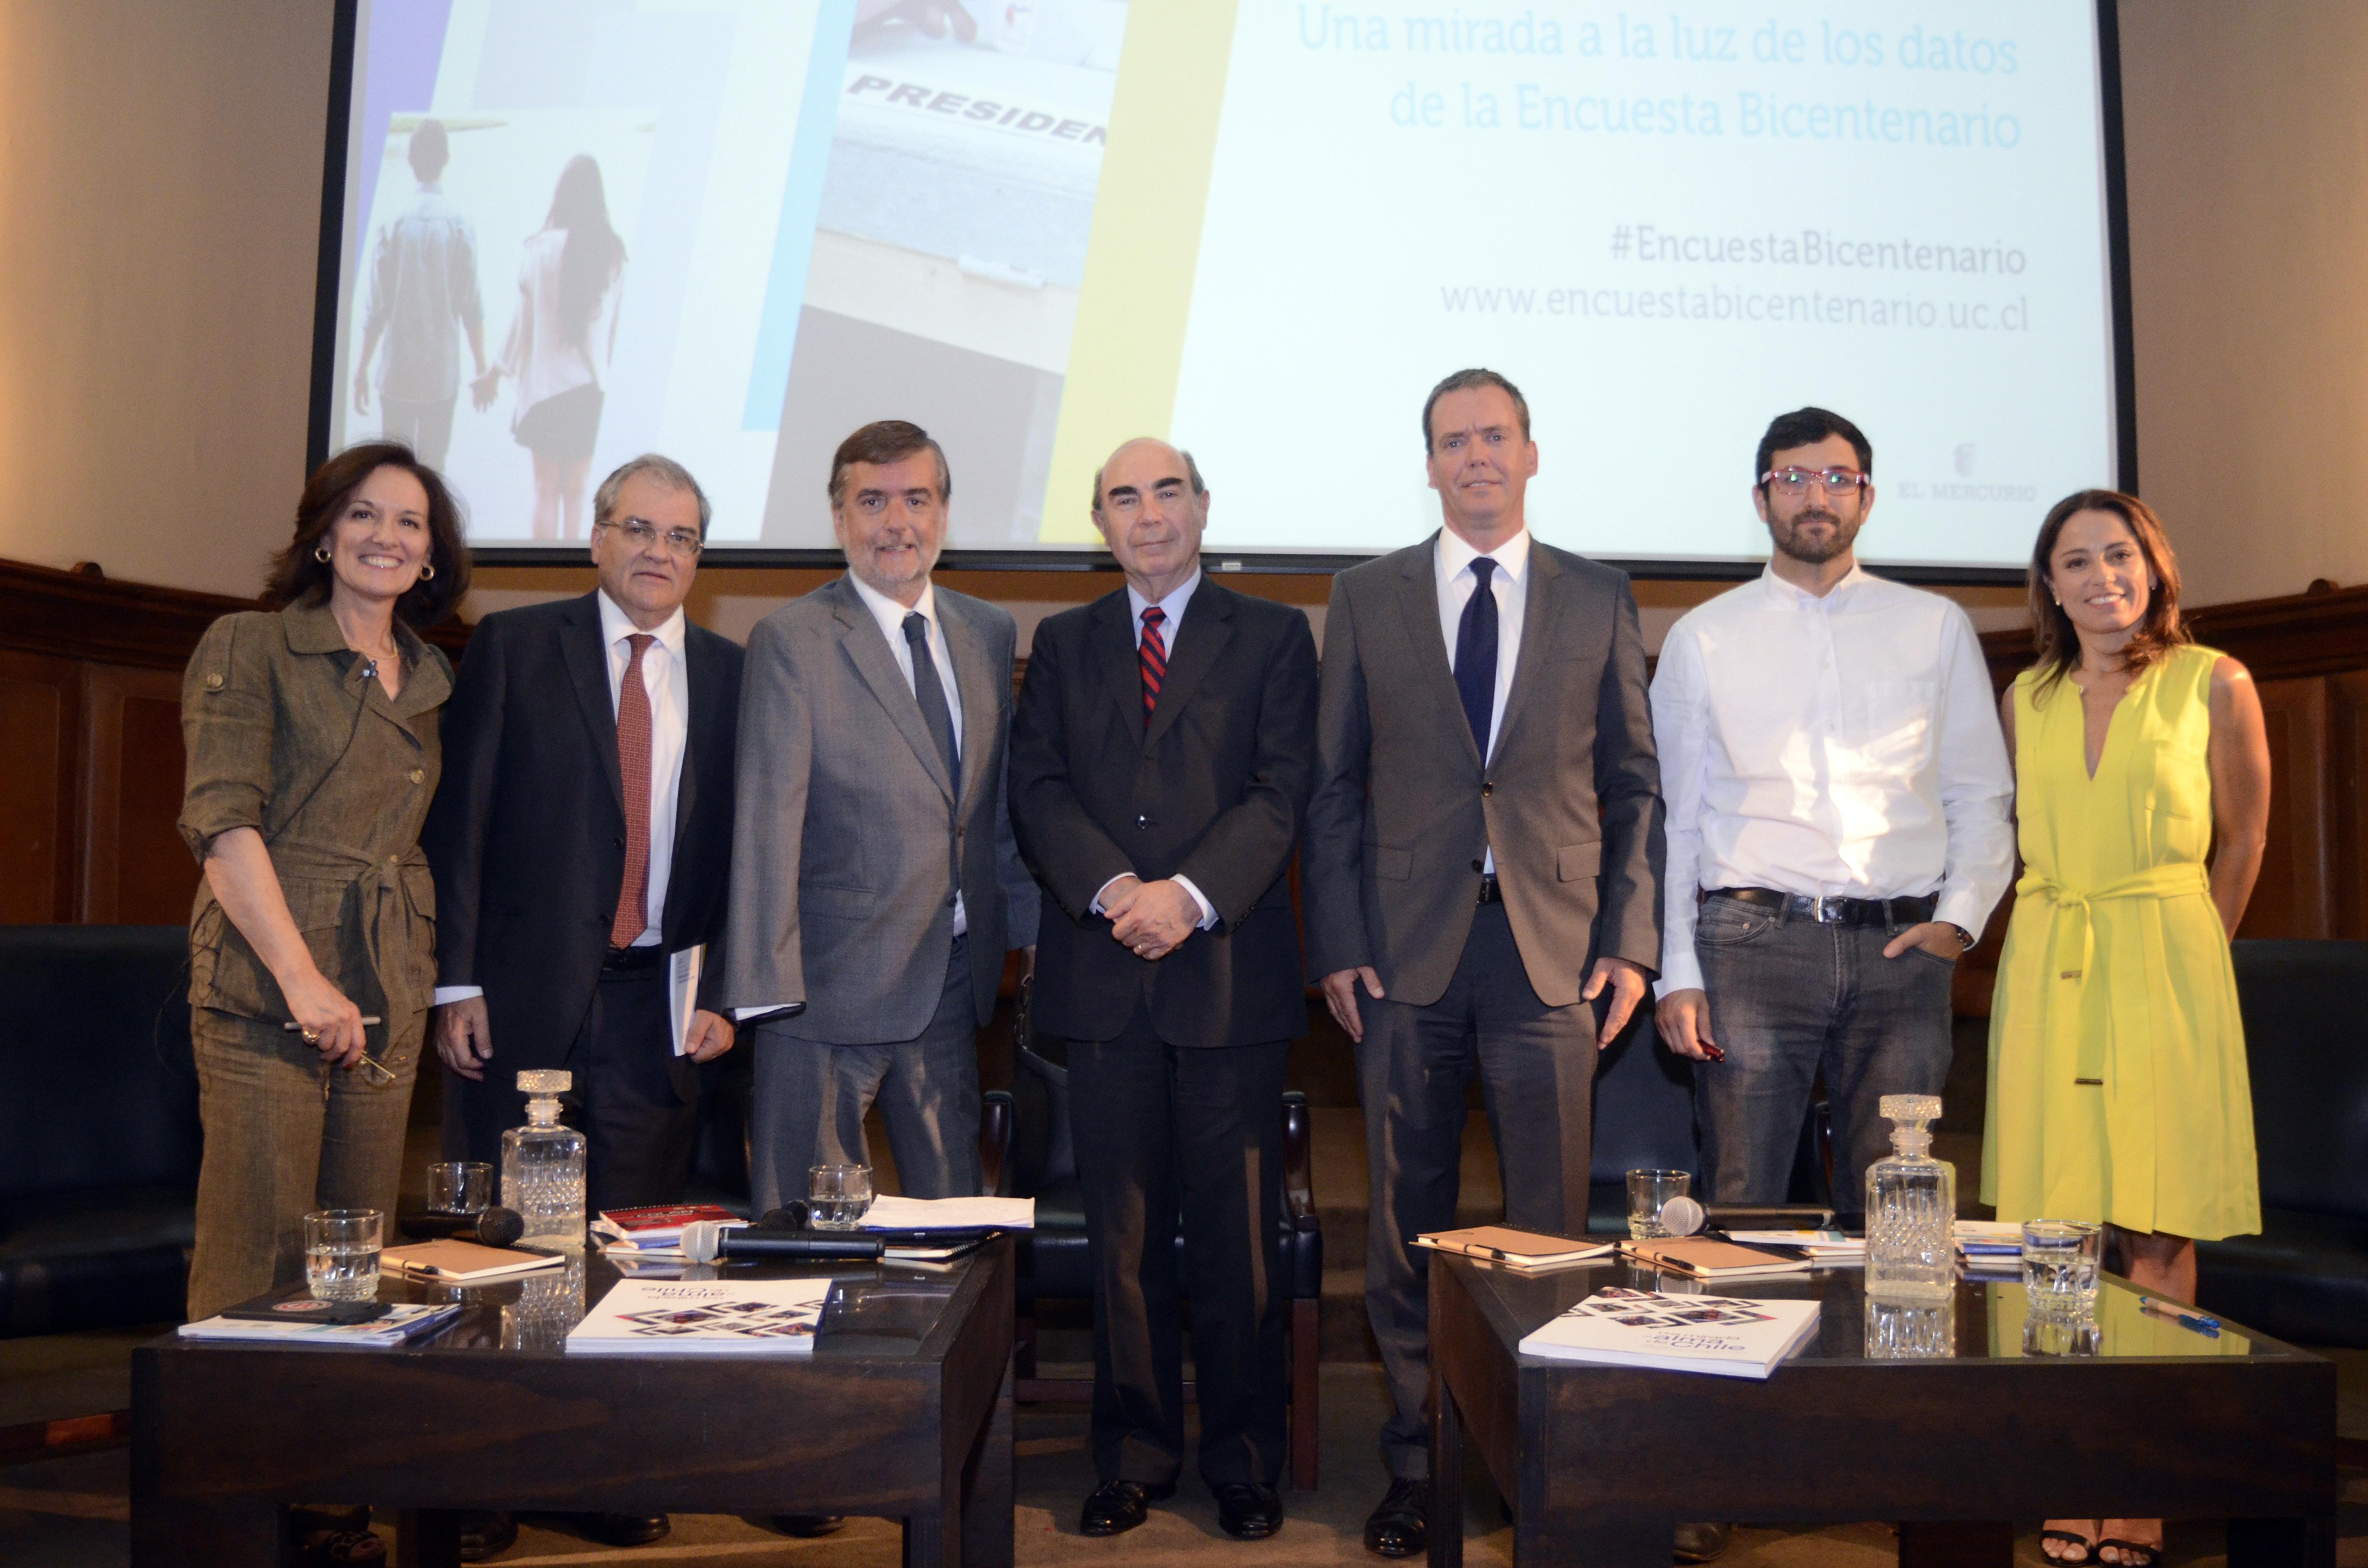 Parlamentarios, académicos y periodistas analizaron el Chile que recibe al próximo gobierno